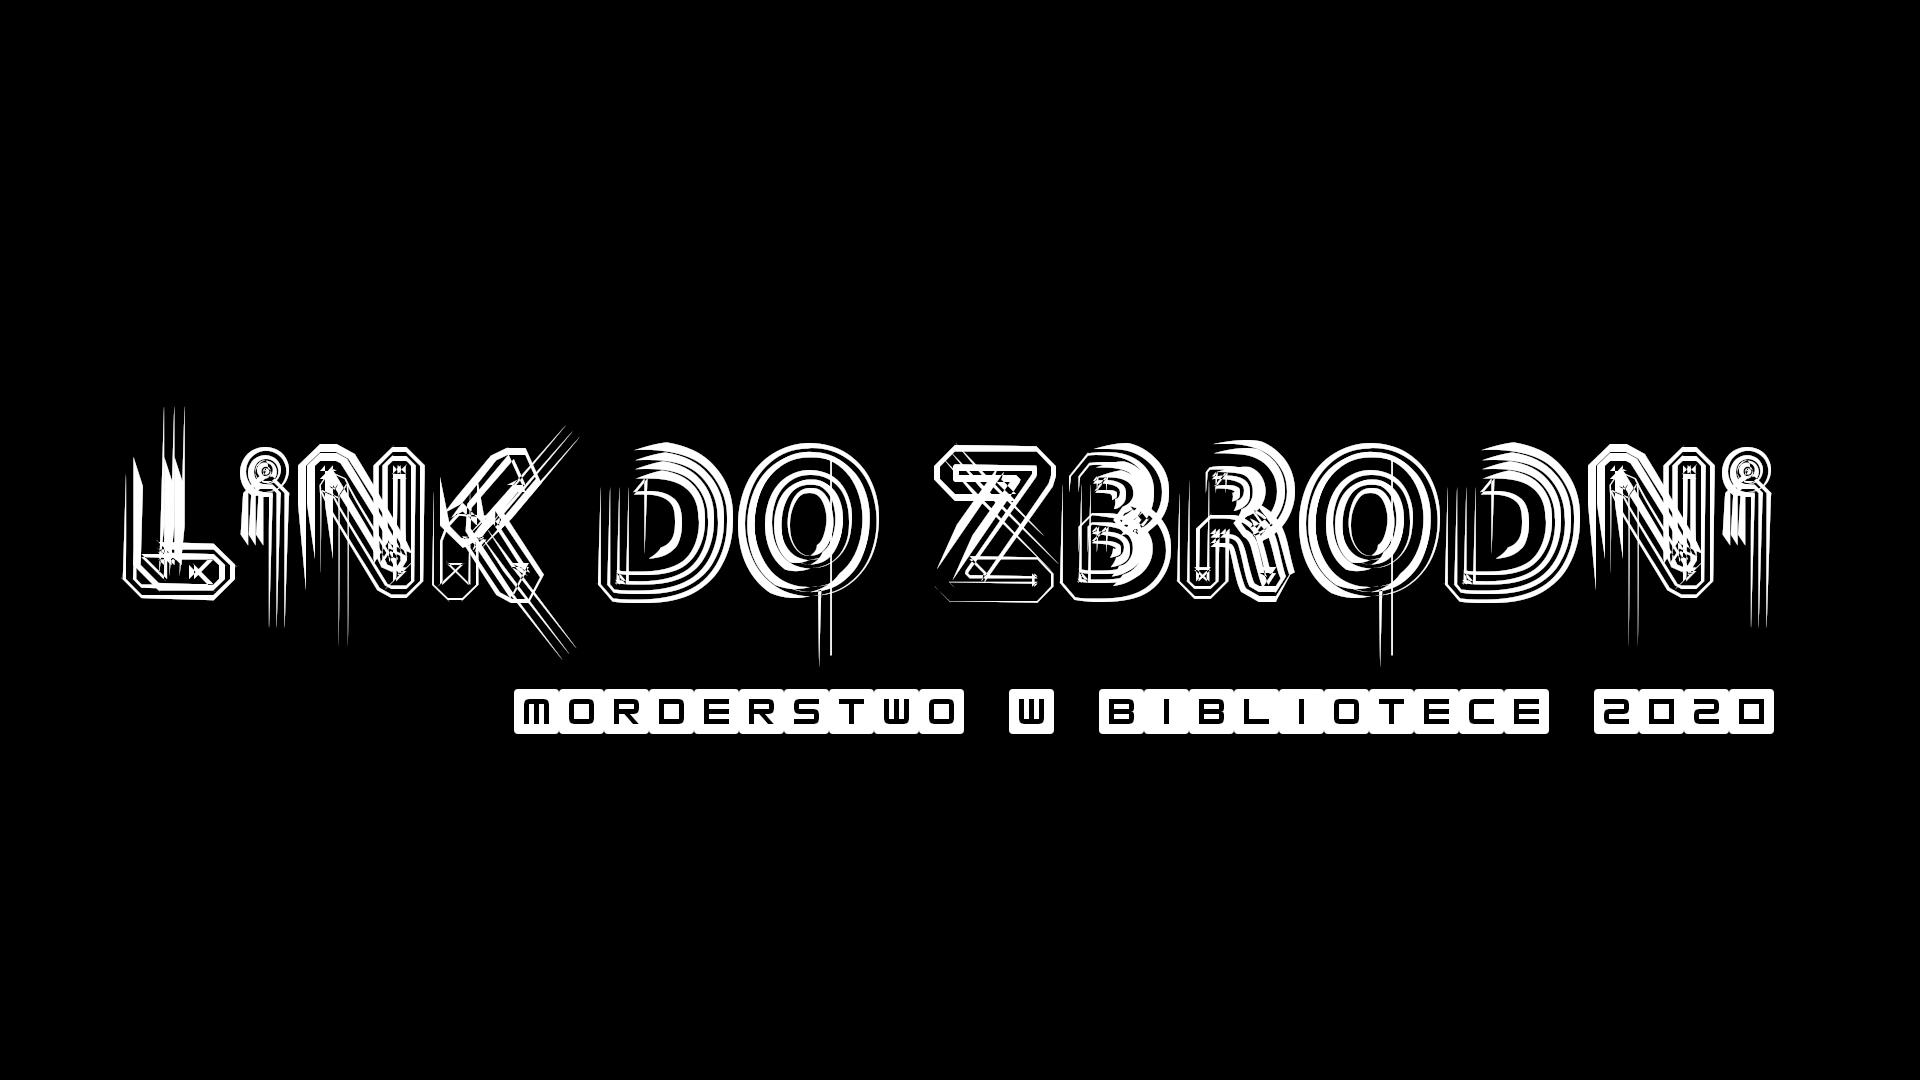 LINK DO ZBRODNI / Morderstwo w bibliotece 2020